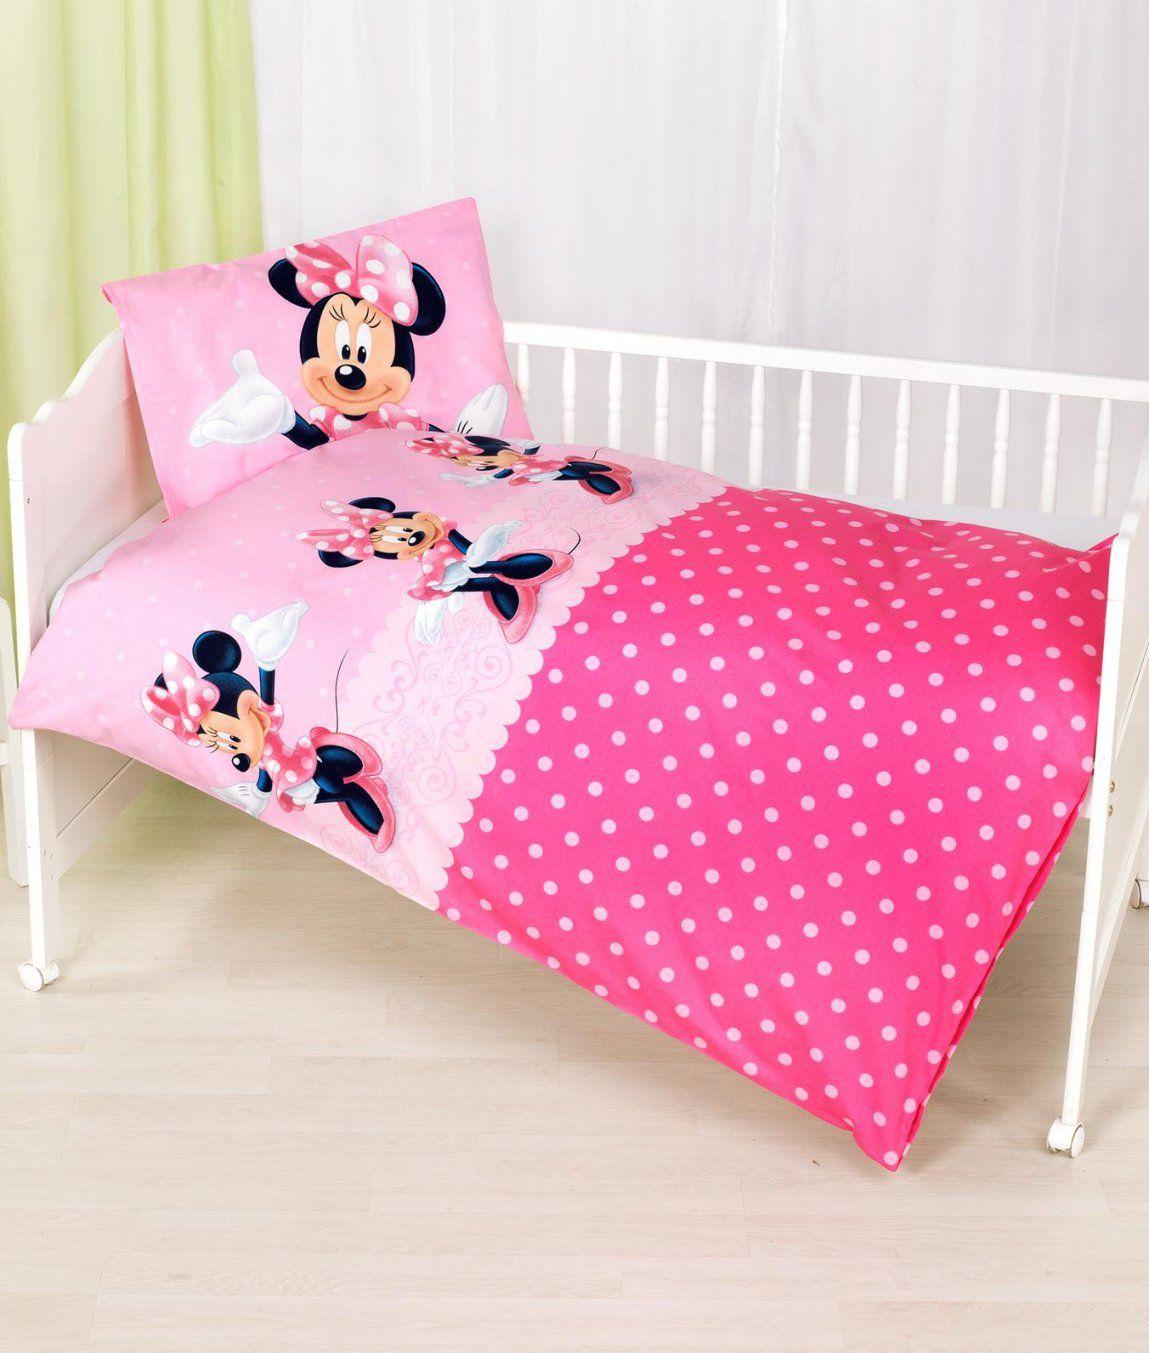 Babybettwäsche Garnitur Minnie Mouse Kaufen  Angela Bruderer von Mini Maus Bettwäsche Photo